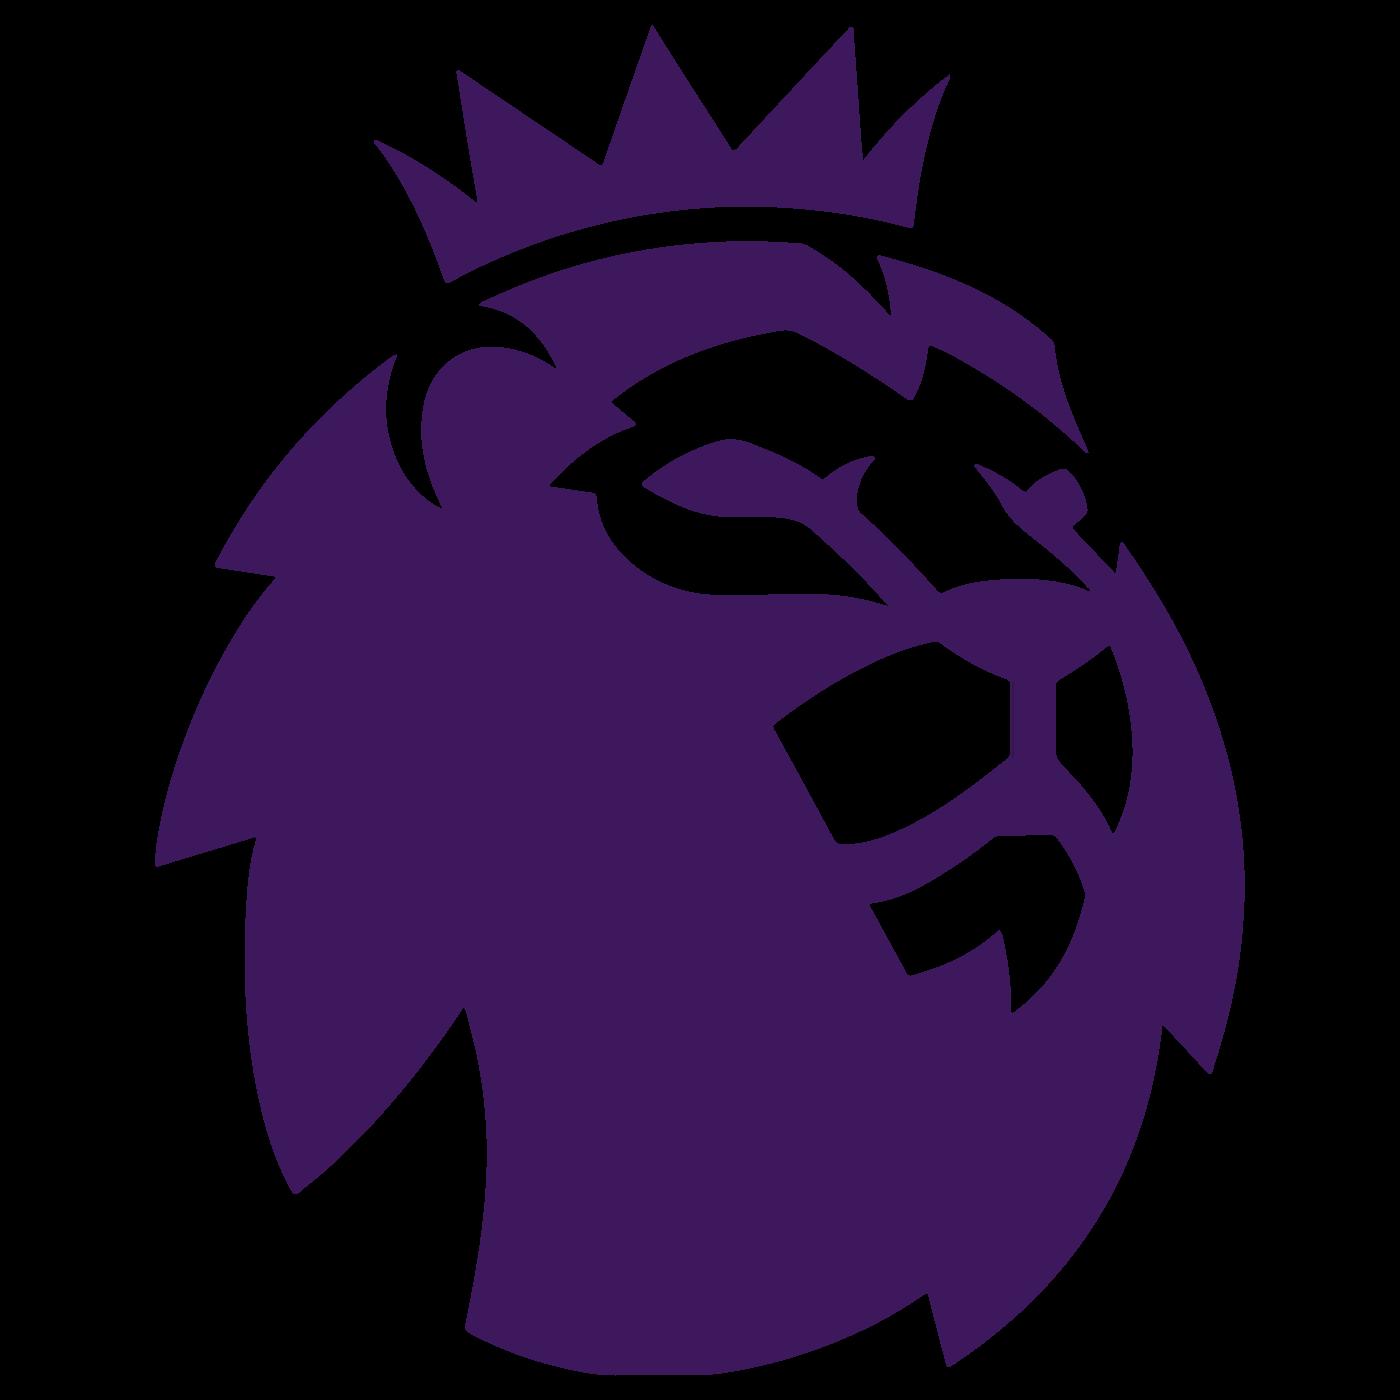 Premier League Lions Head Vector Logo.